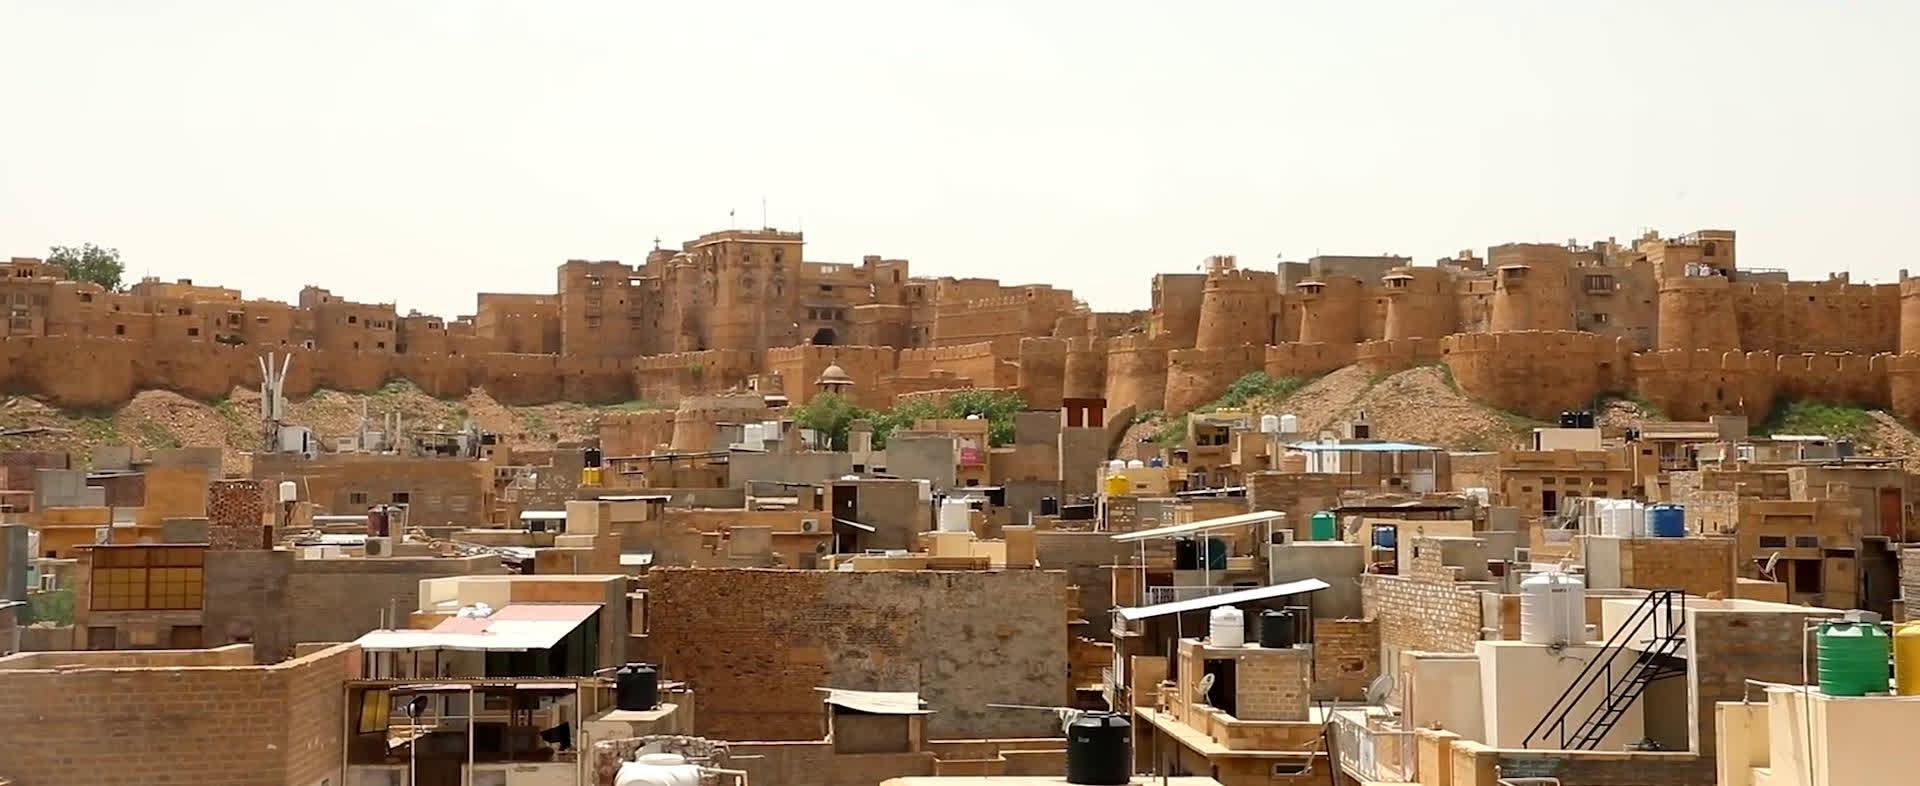 राजस्थान के एतिहासिक क़िले